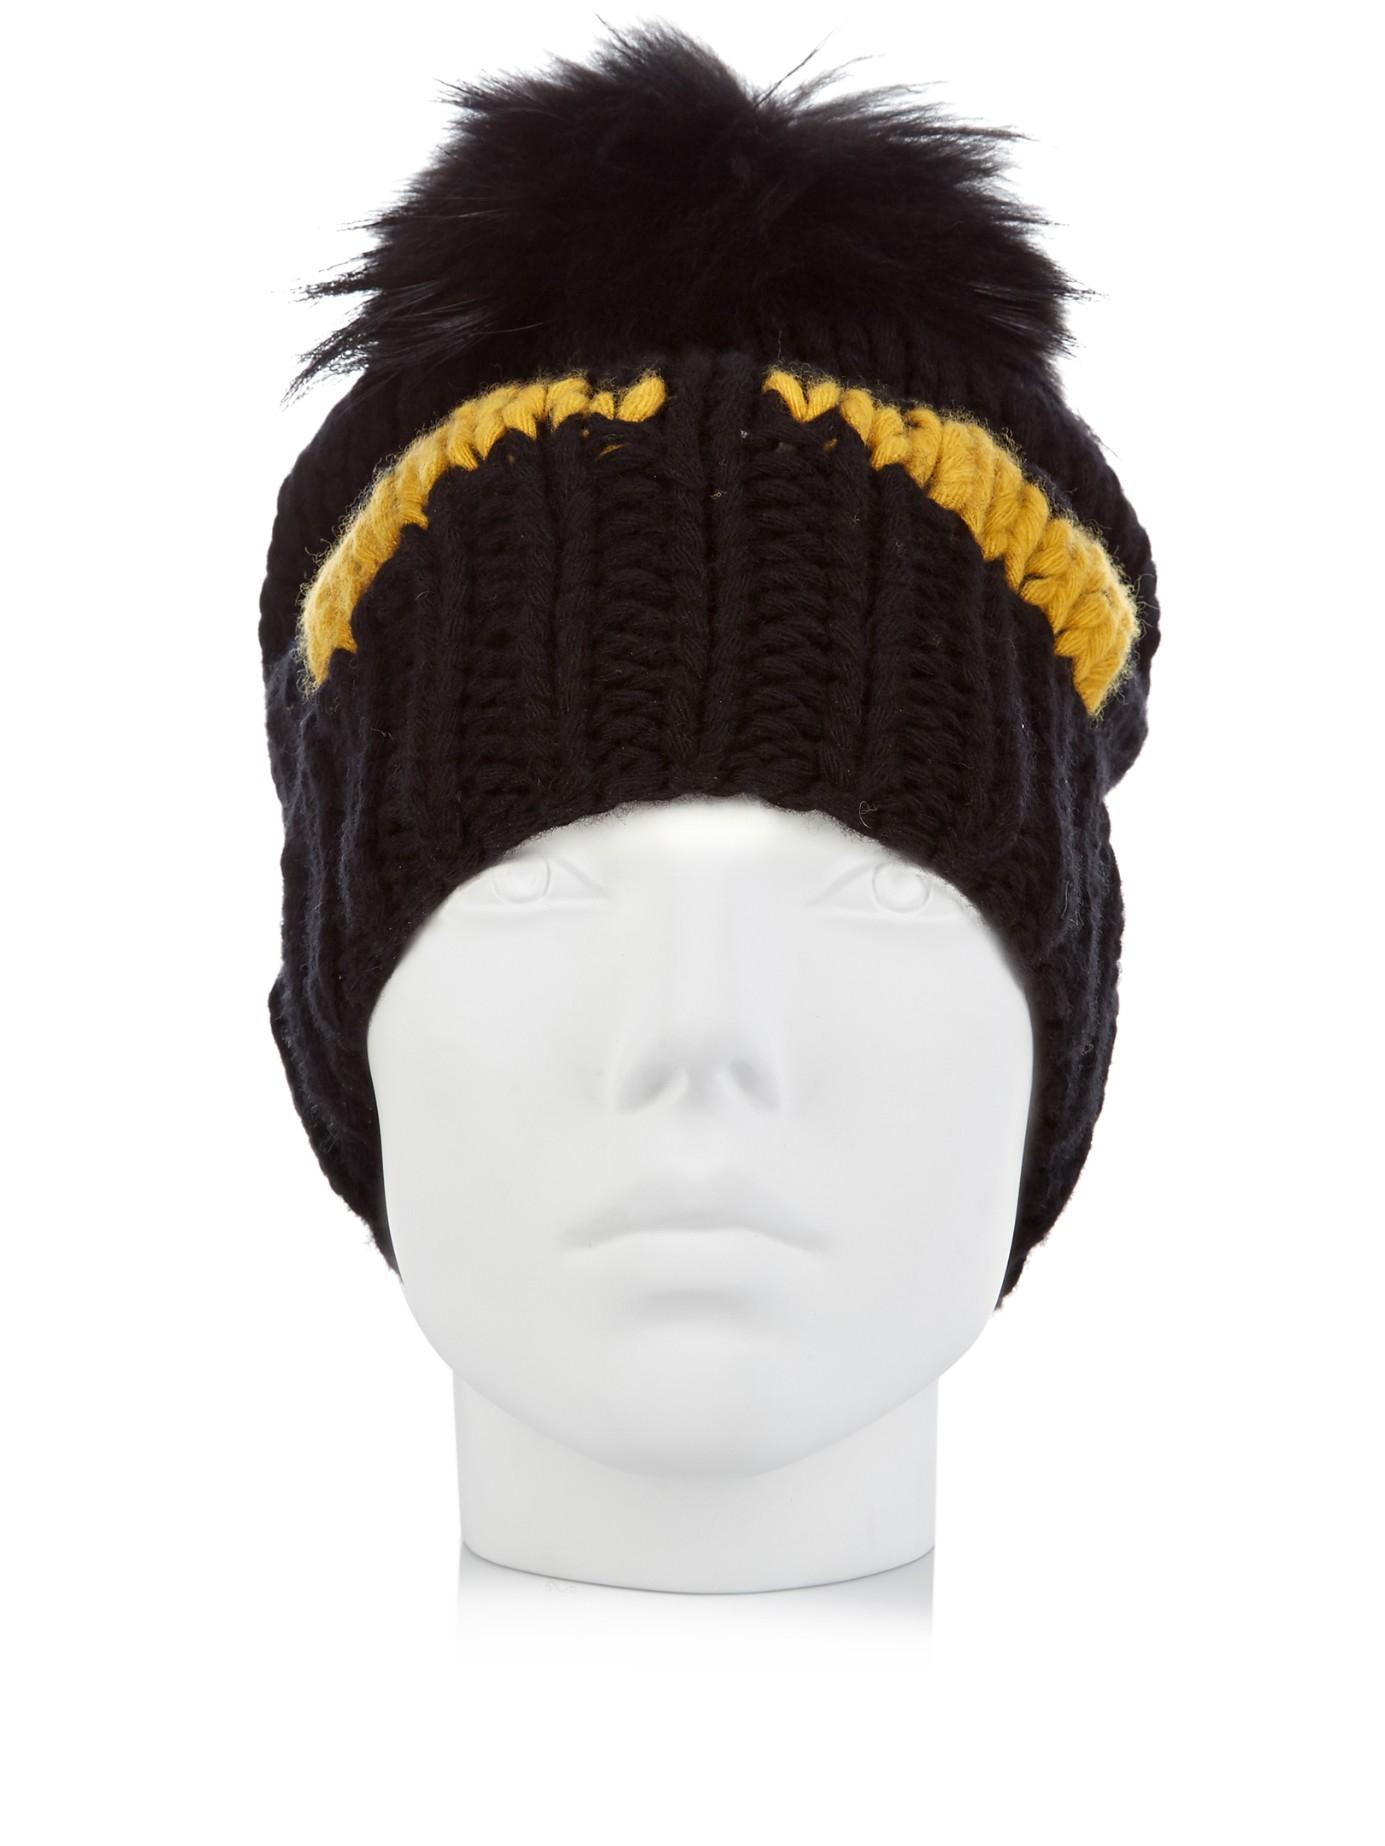 fdbf6b52af4c Lyst - Fendi Bag Bugs-intarsia Wool-knit Beanie Hat in Black for Men